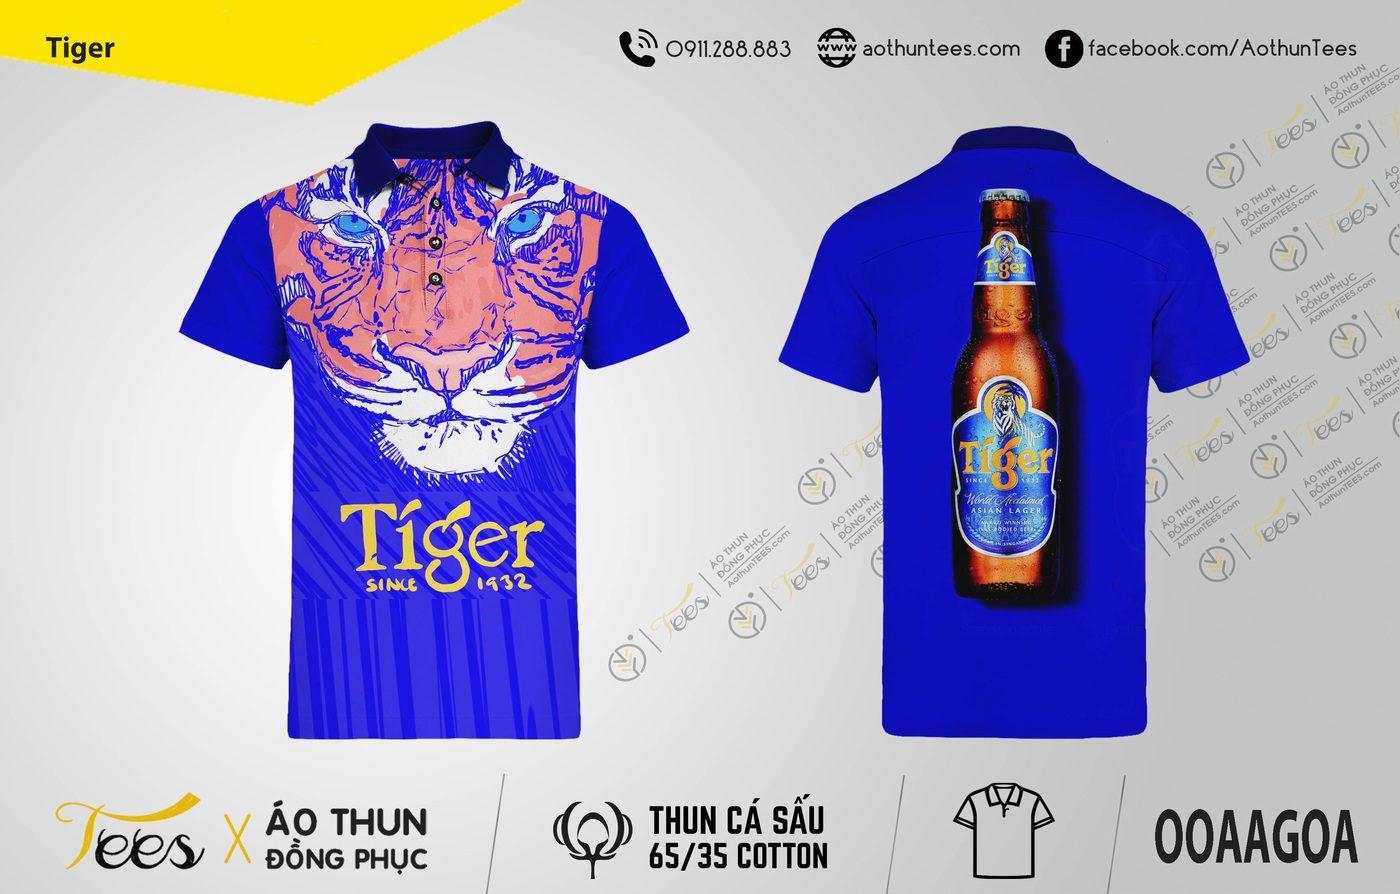 162. Tiger - Áo thun in hình con cọp bia Tiger